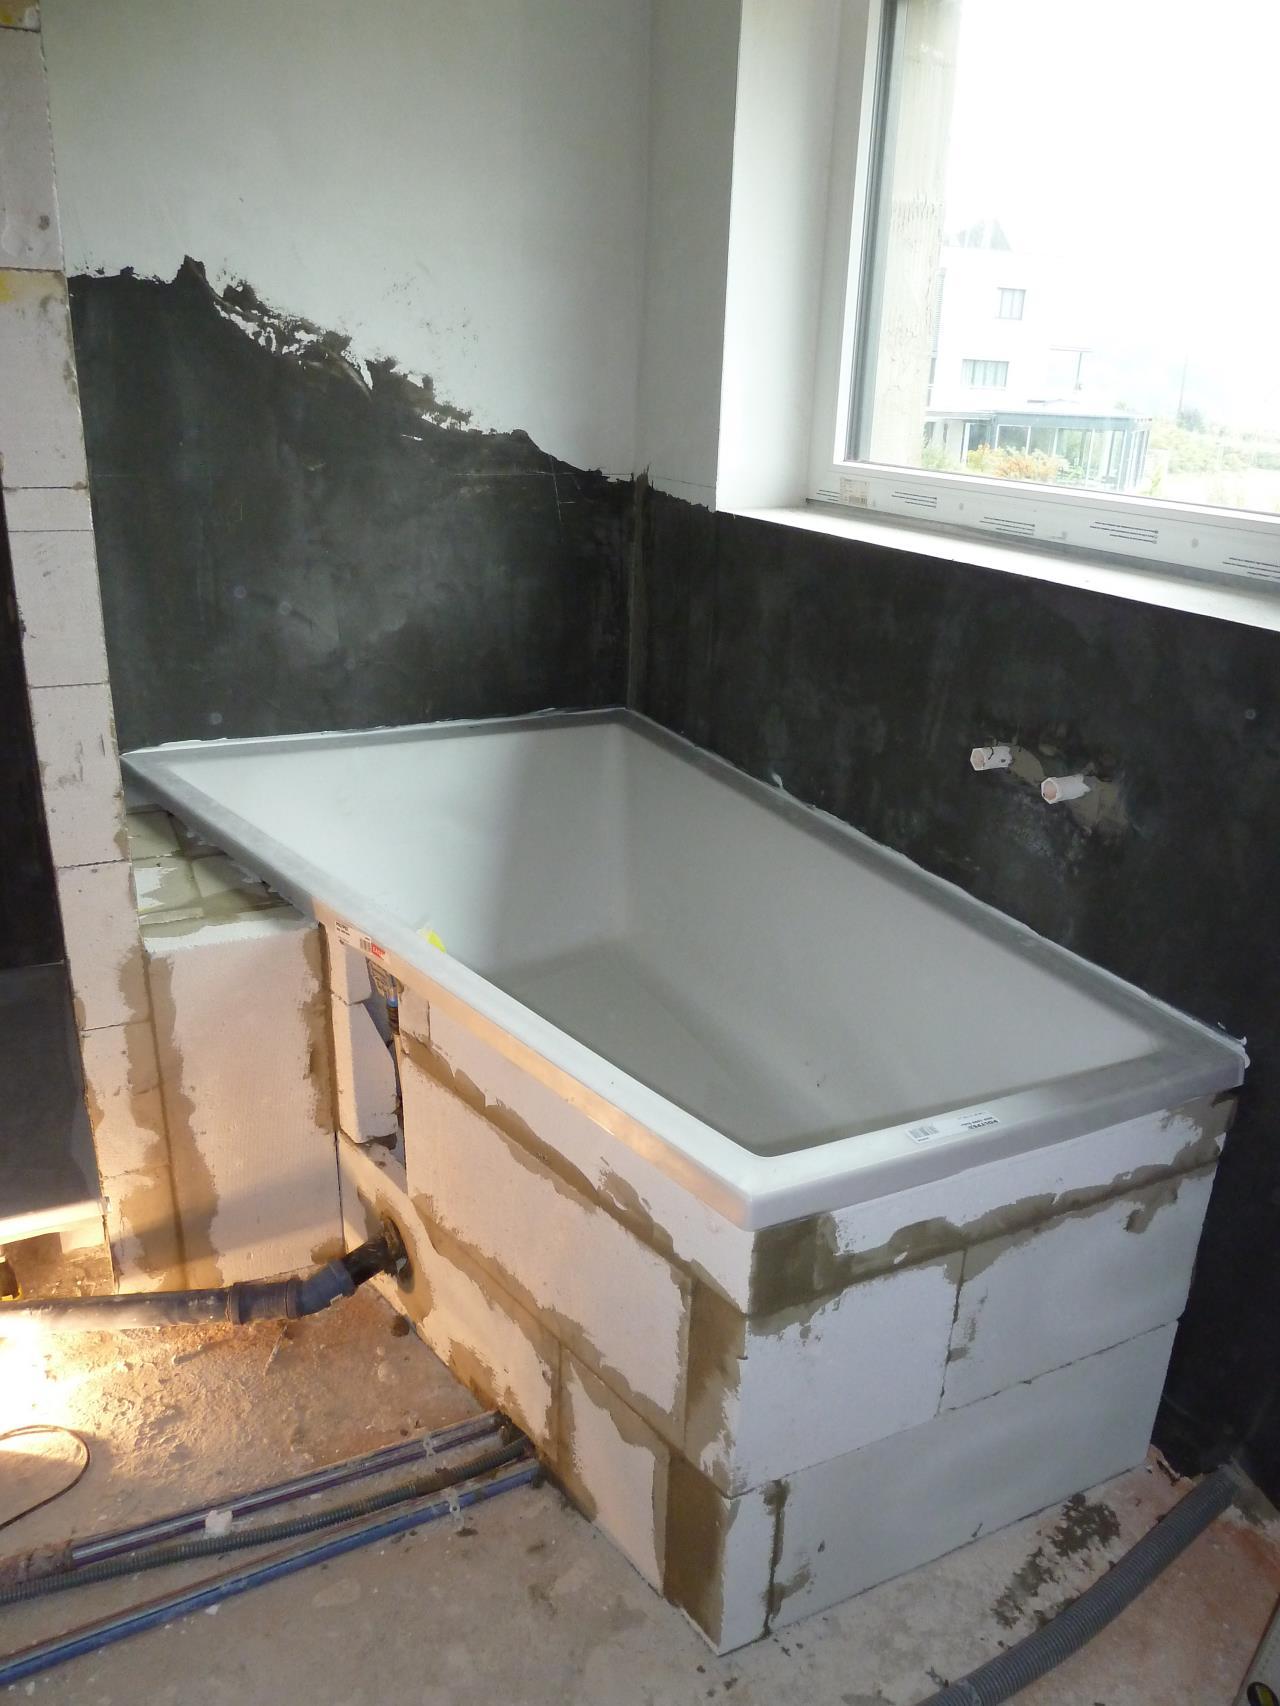 Turbo Badewanne: Ytong ausmauern oder Wannenträger? | Forum auf EO55